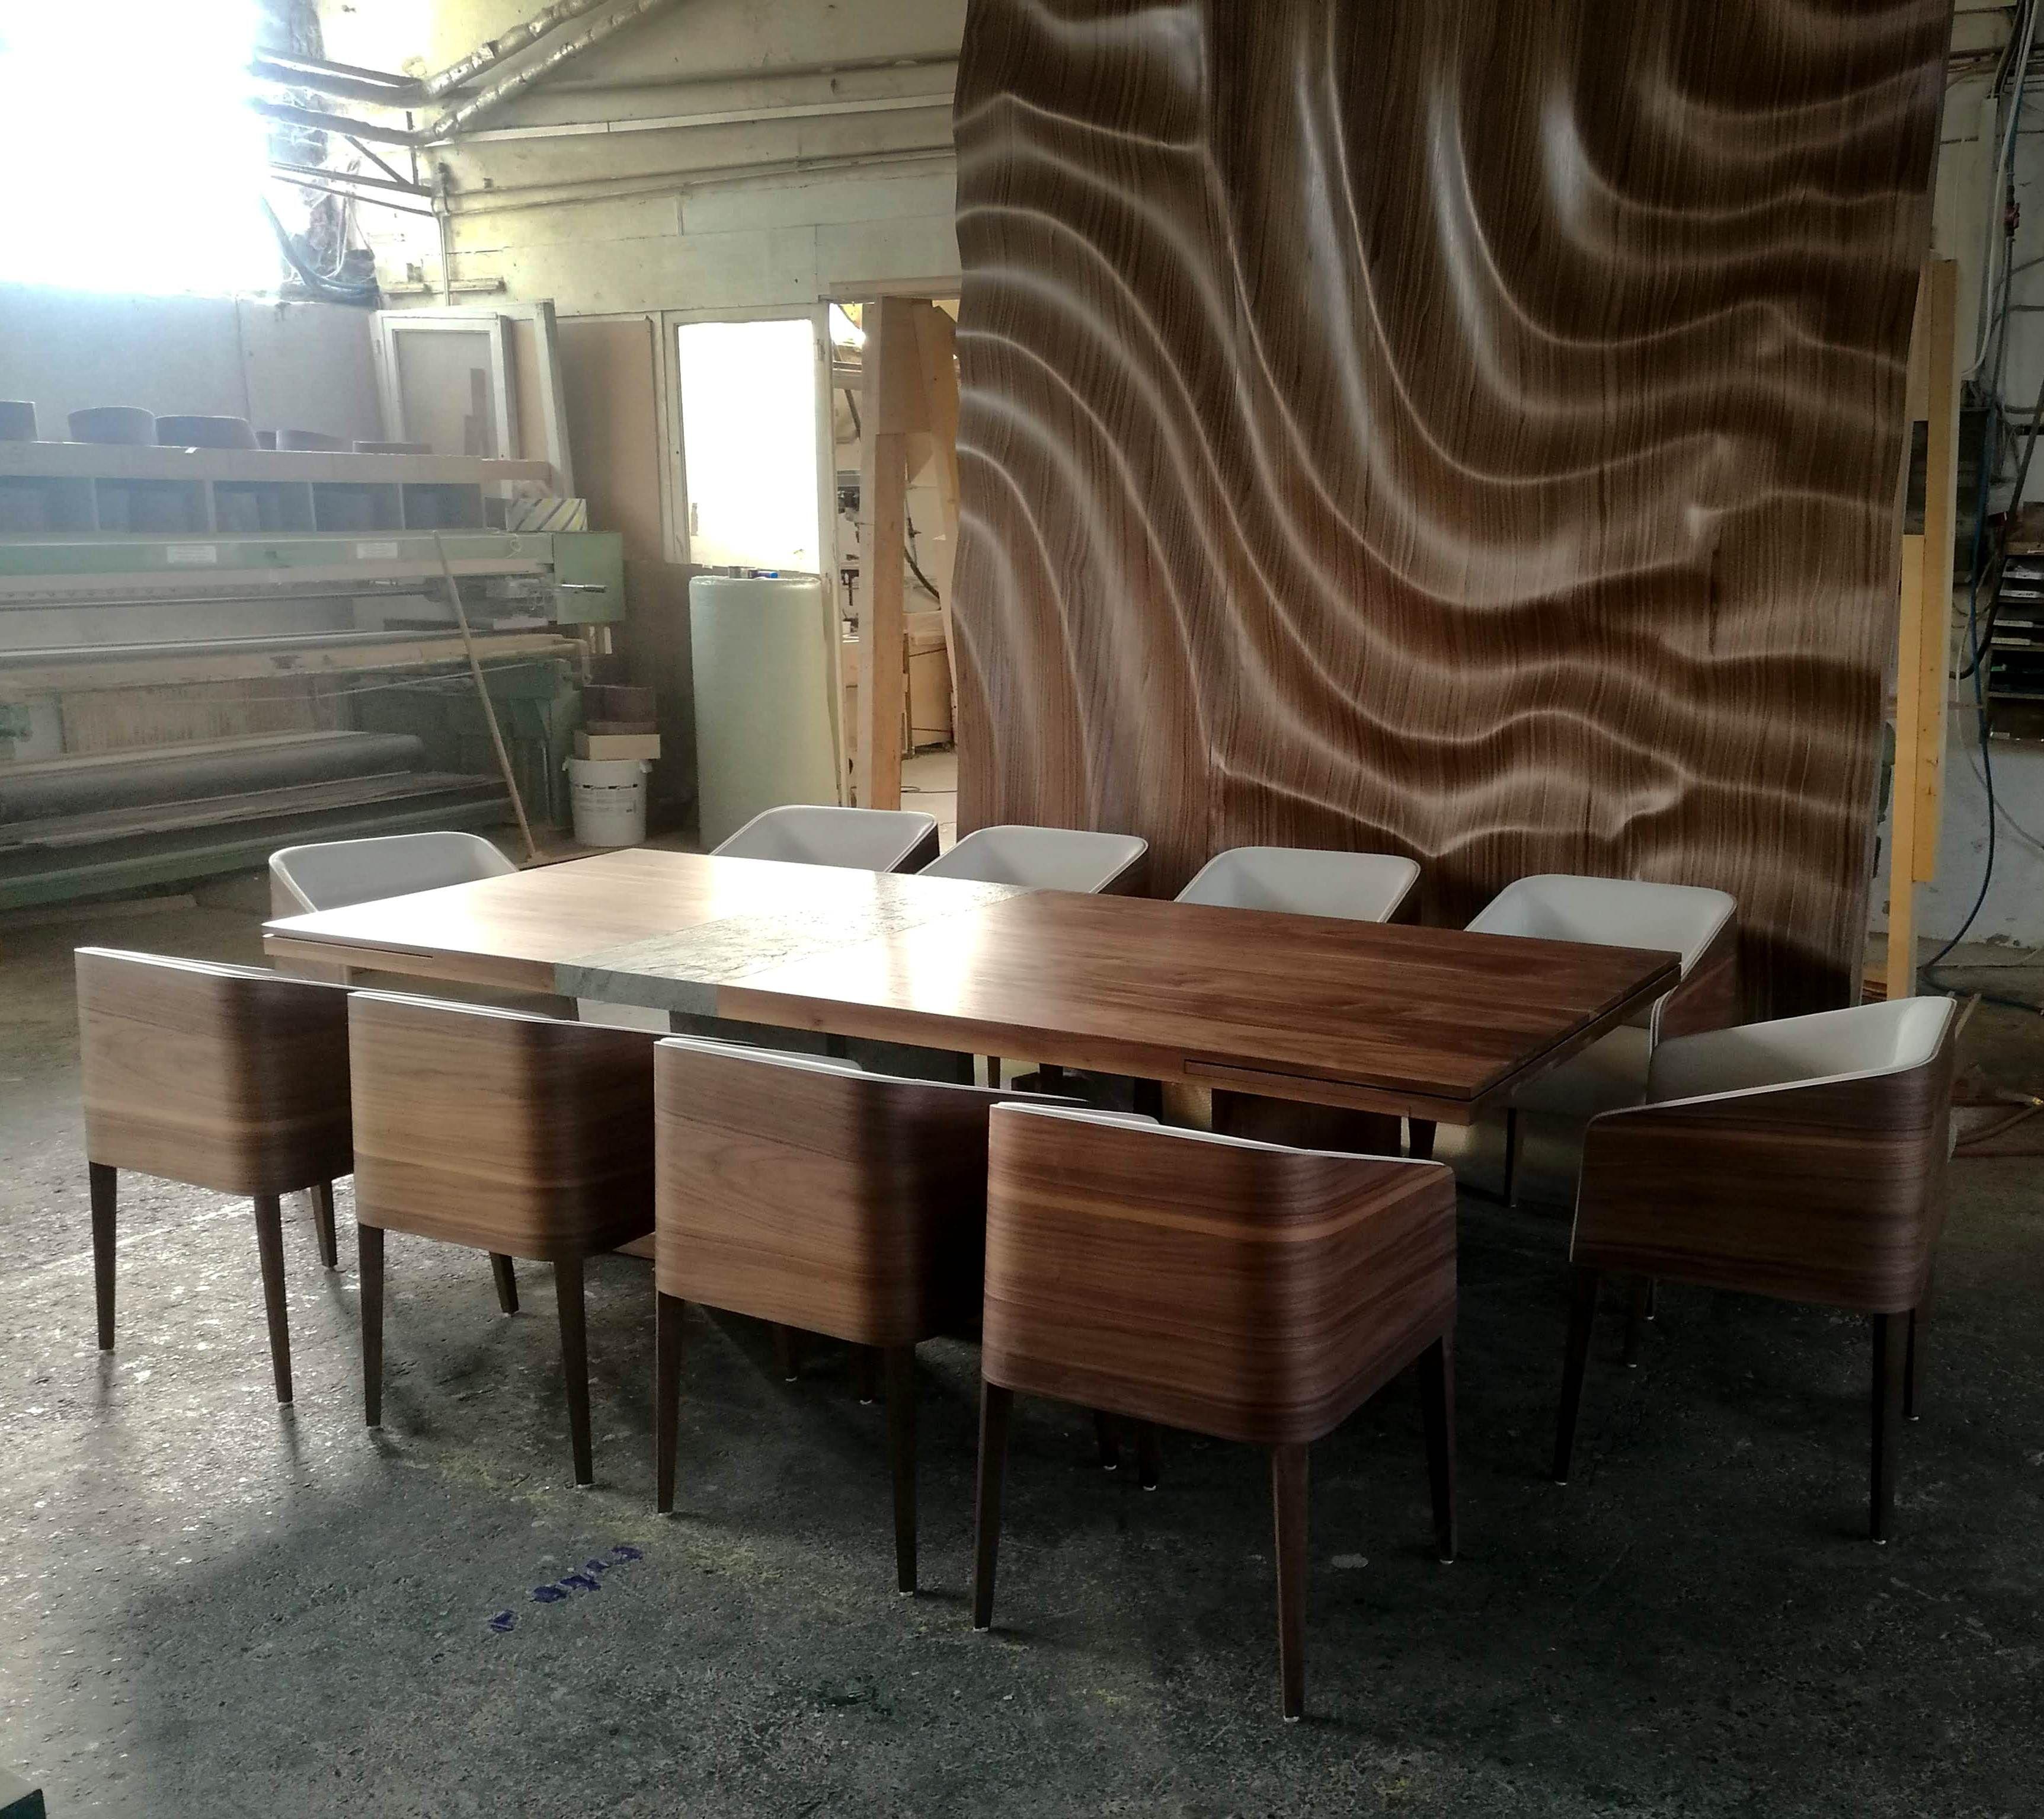 Ábrahám Műhely Kft | Wood panel walls, Home decor, Armchair